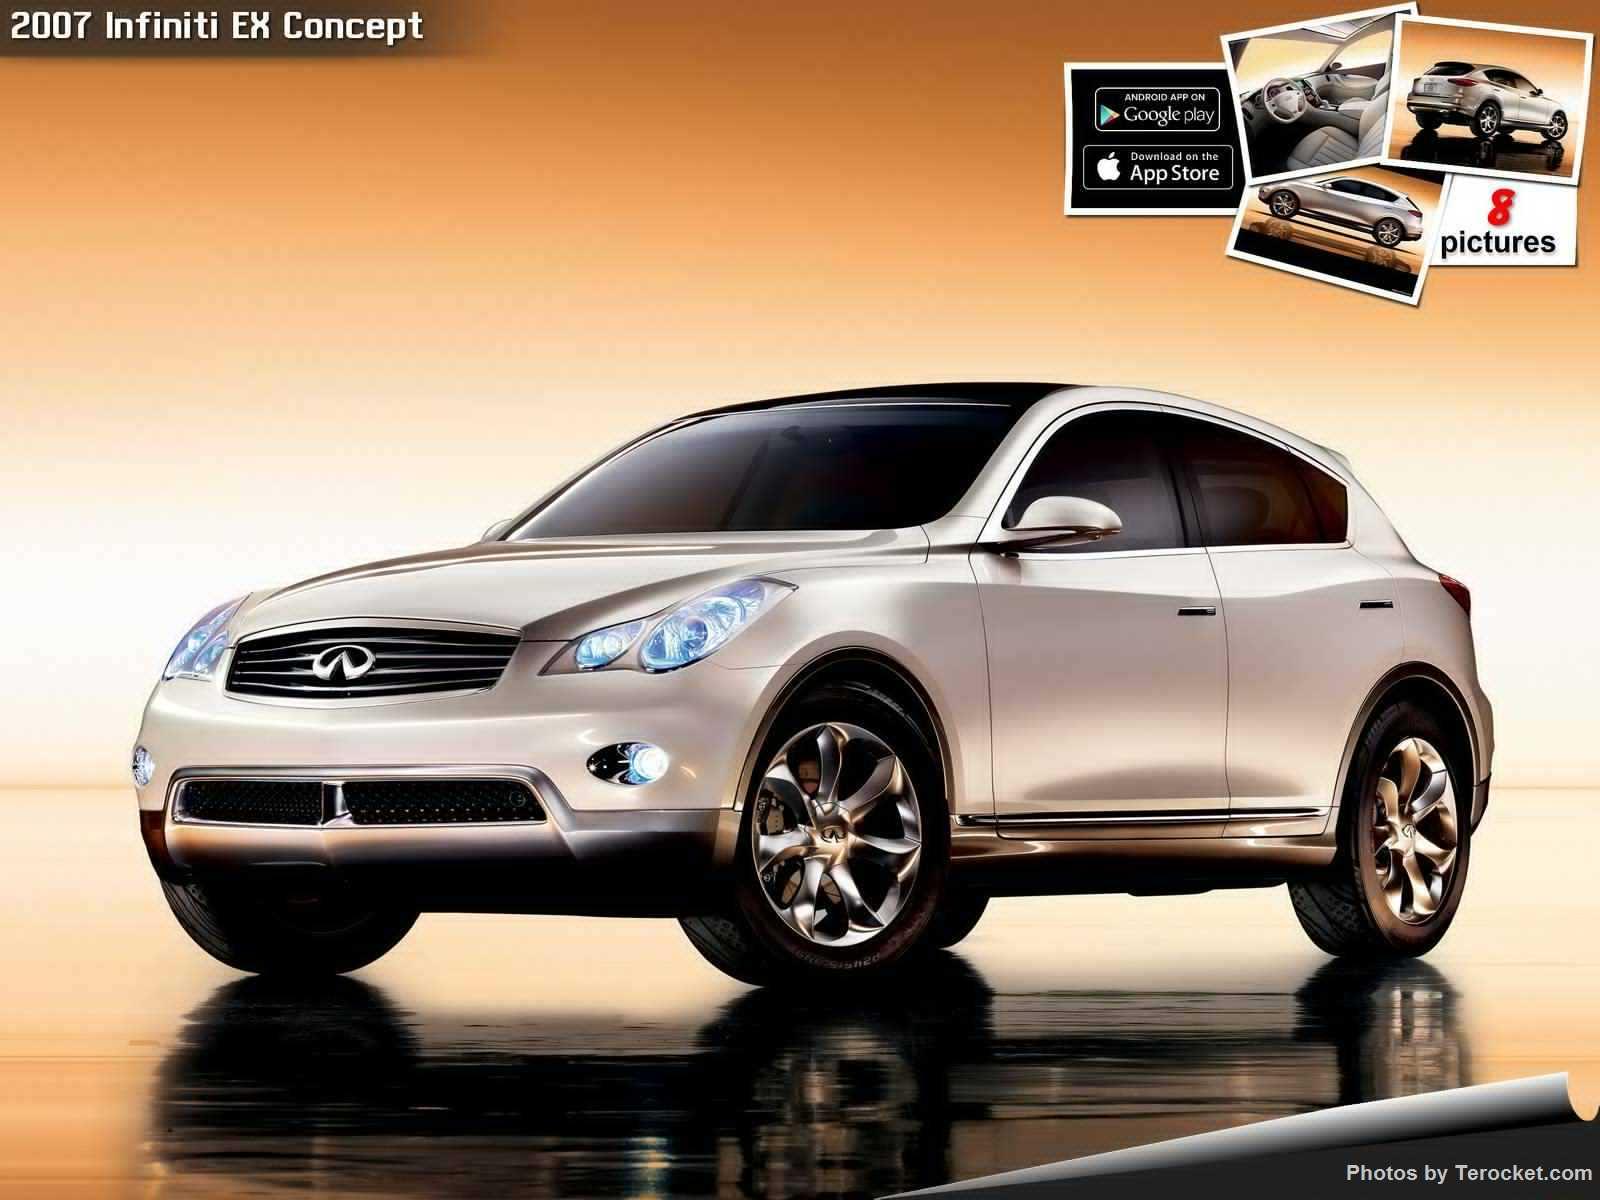 Hình ảnh xe ô tô Infiniti EX Concept 2007 & nội ngoại thất